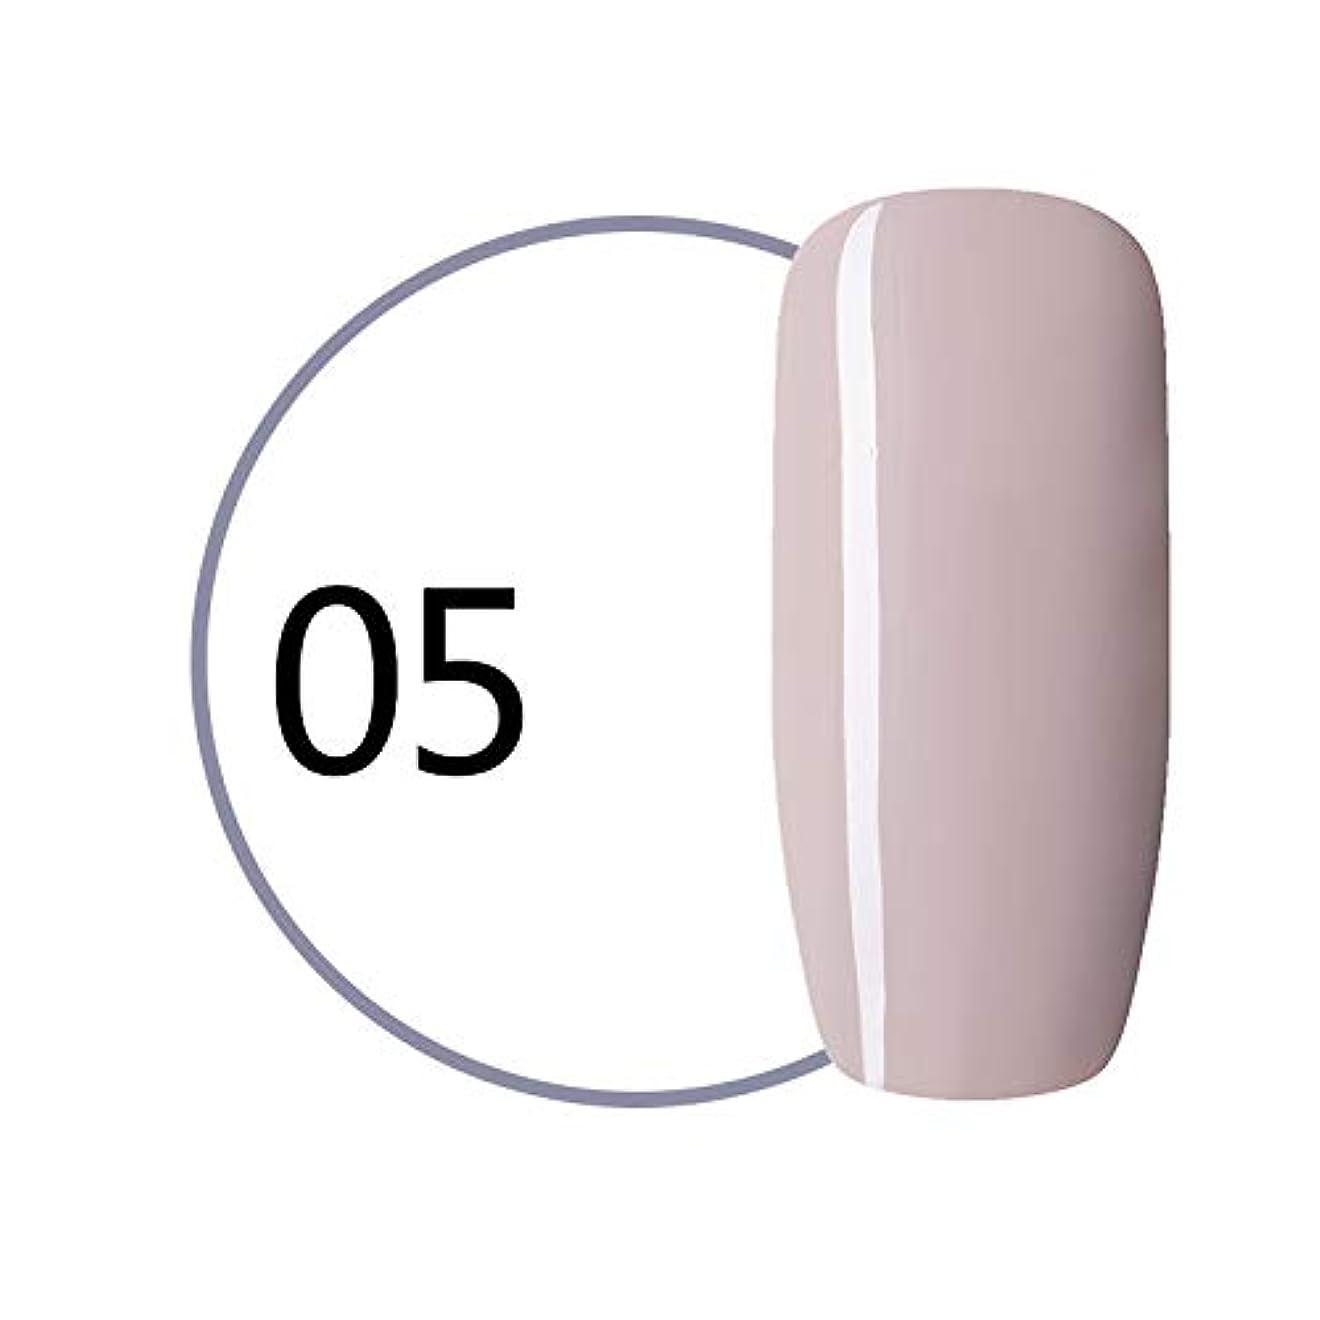 高層ビル解釈不合格Symboat マニキュア ソークオフ UV LED ネイルジェルポリッシュ ワイングレーシリーズ ネイル用品 女優 人気 初心者にも対応 安全 無毒